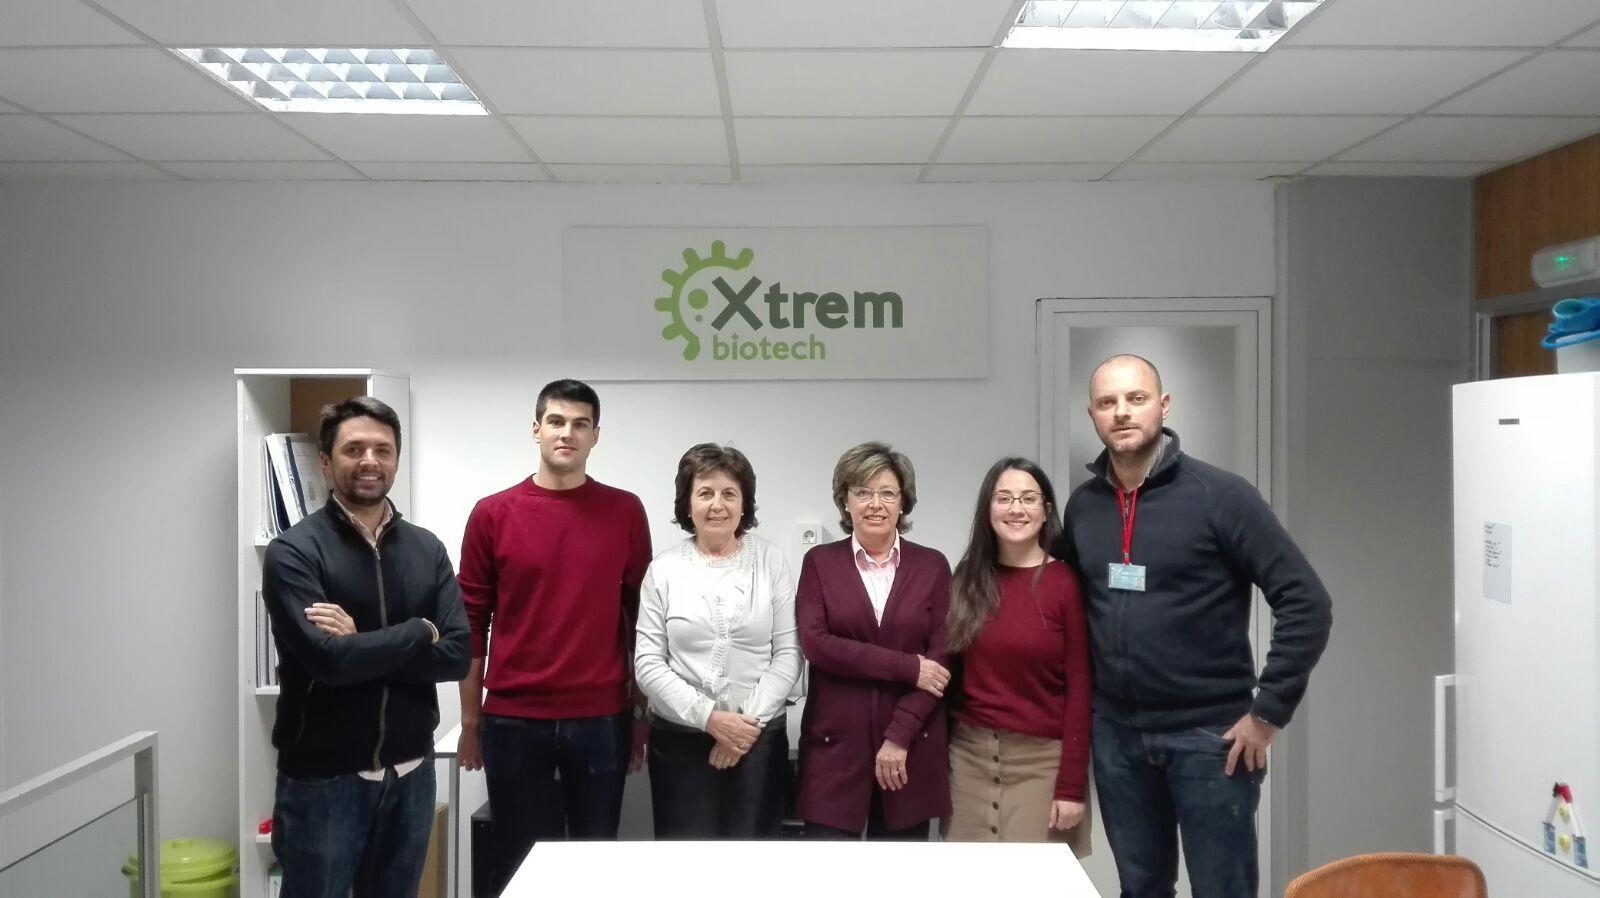 El equipo de Xtrem Biotech, spin-off de la Universidad de Granada